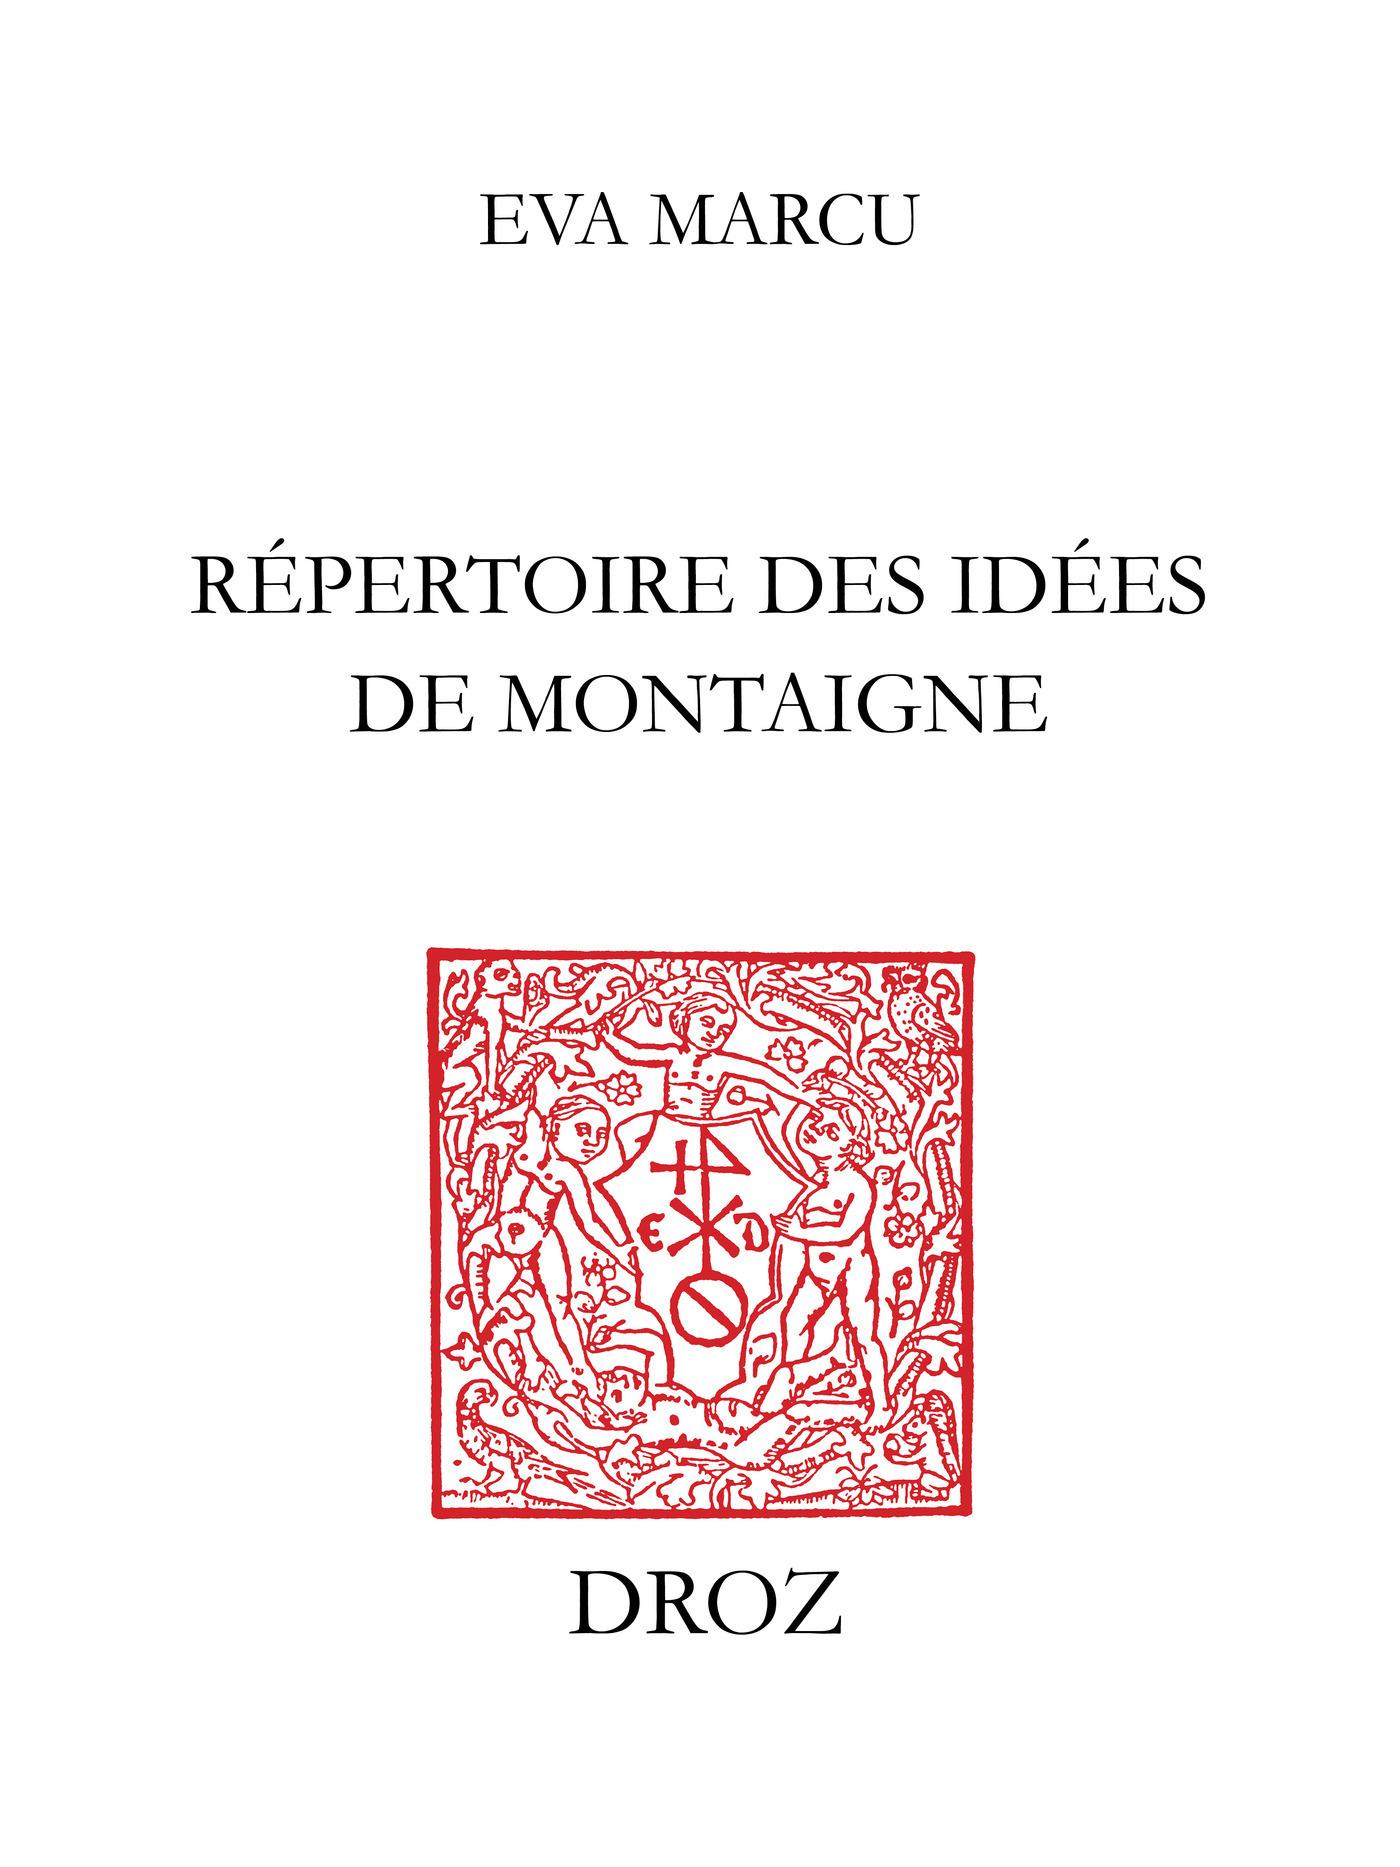 Répertoire des idées de Montaigne  - Eva Marcu